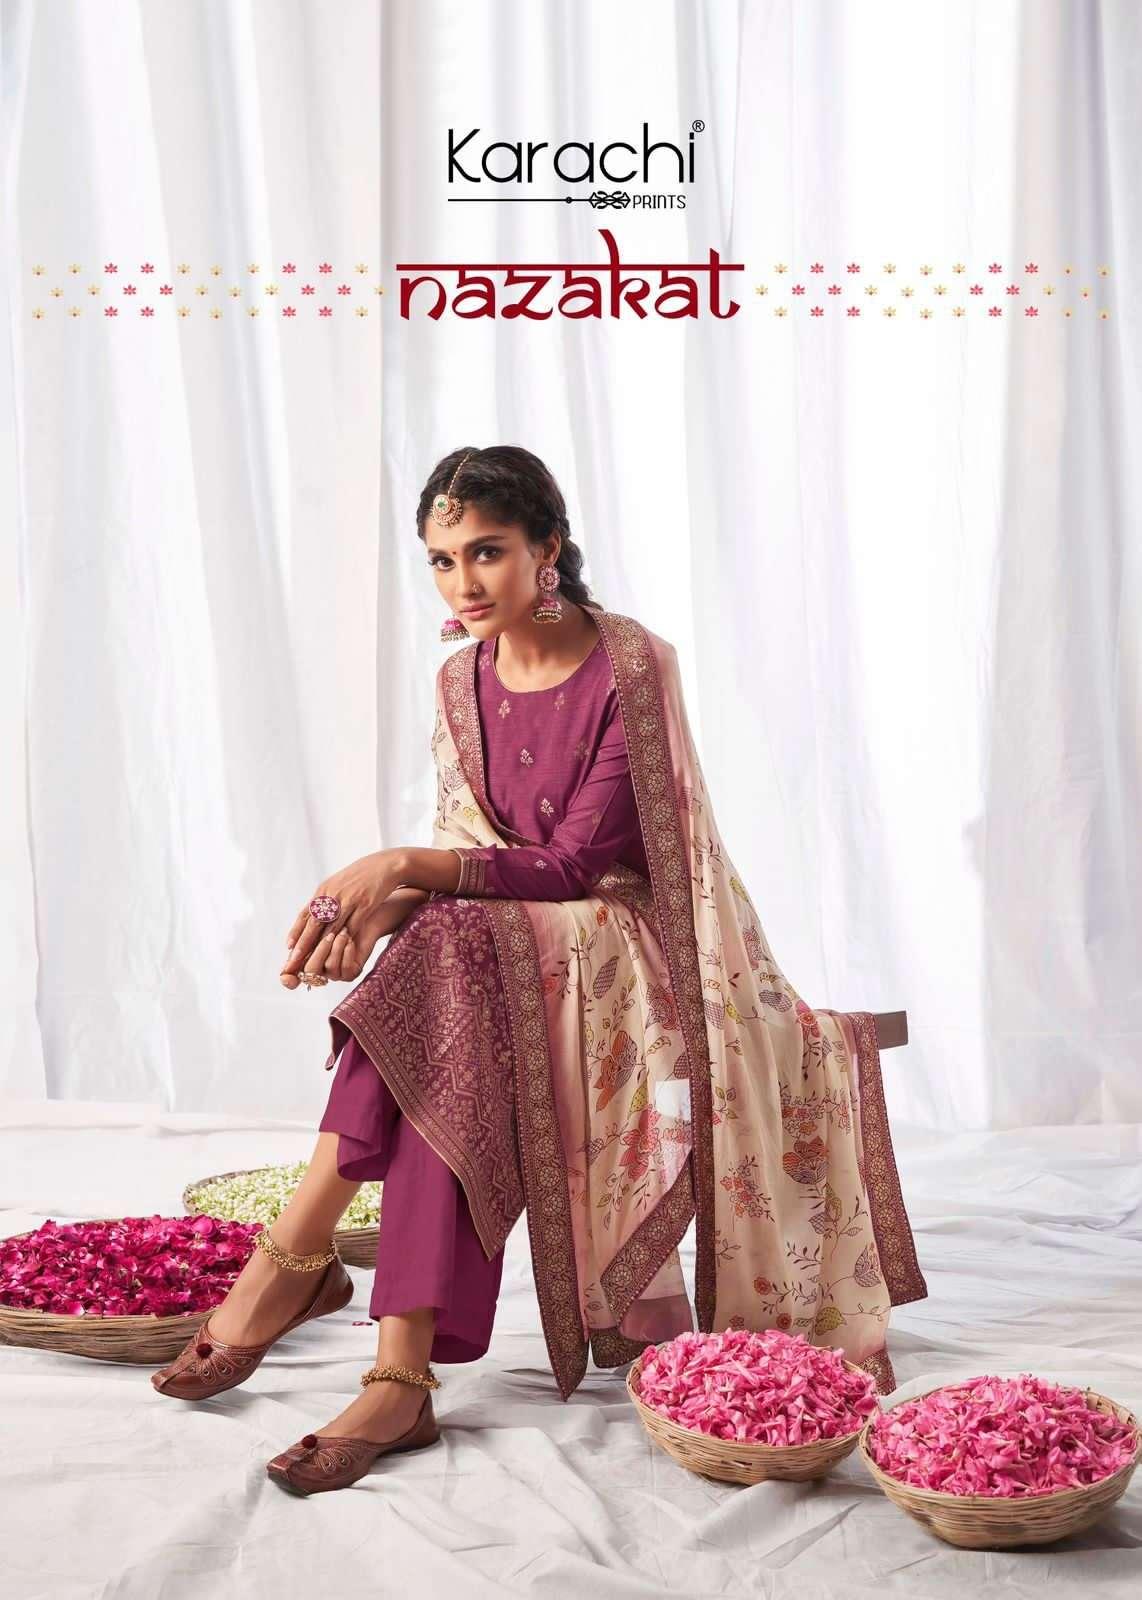 Kesar Nazakat By Karachi Prints Dola Jacquard Salwar Suit Wholesaler